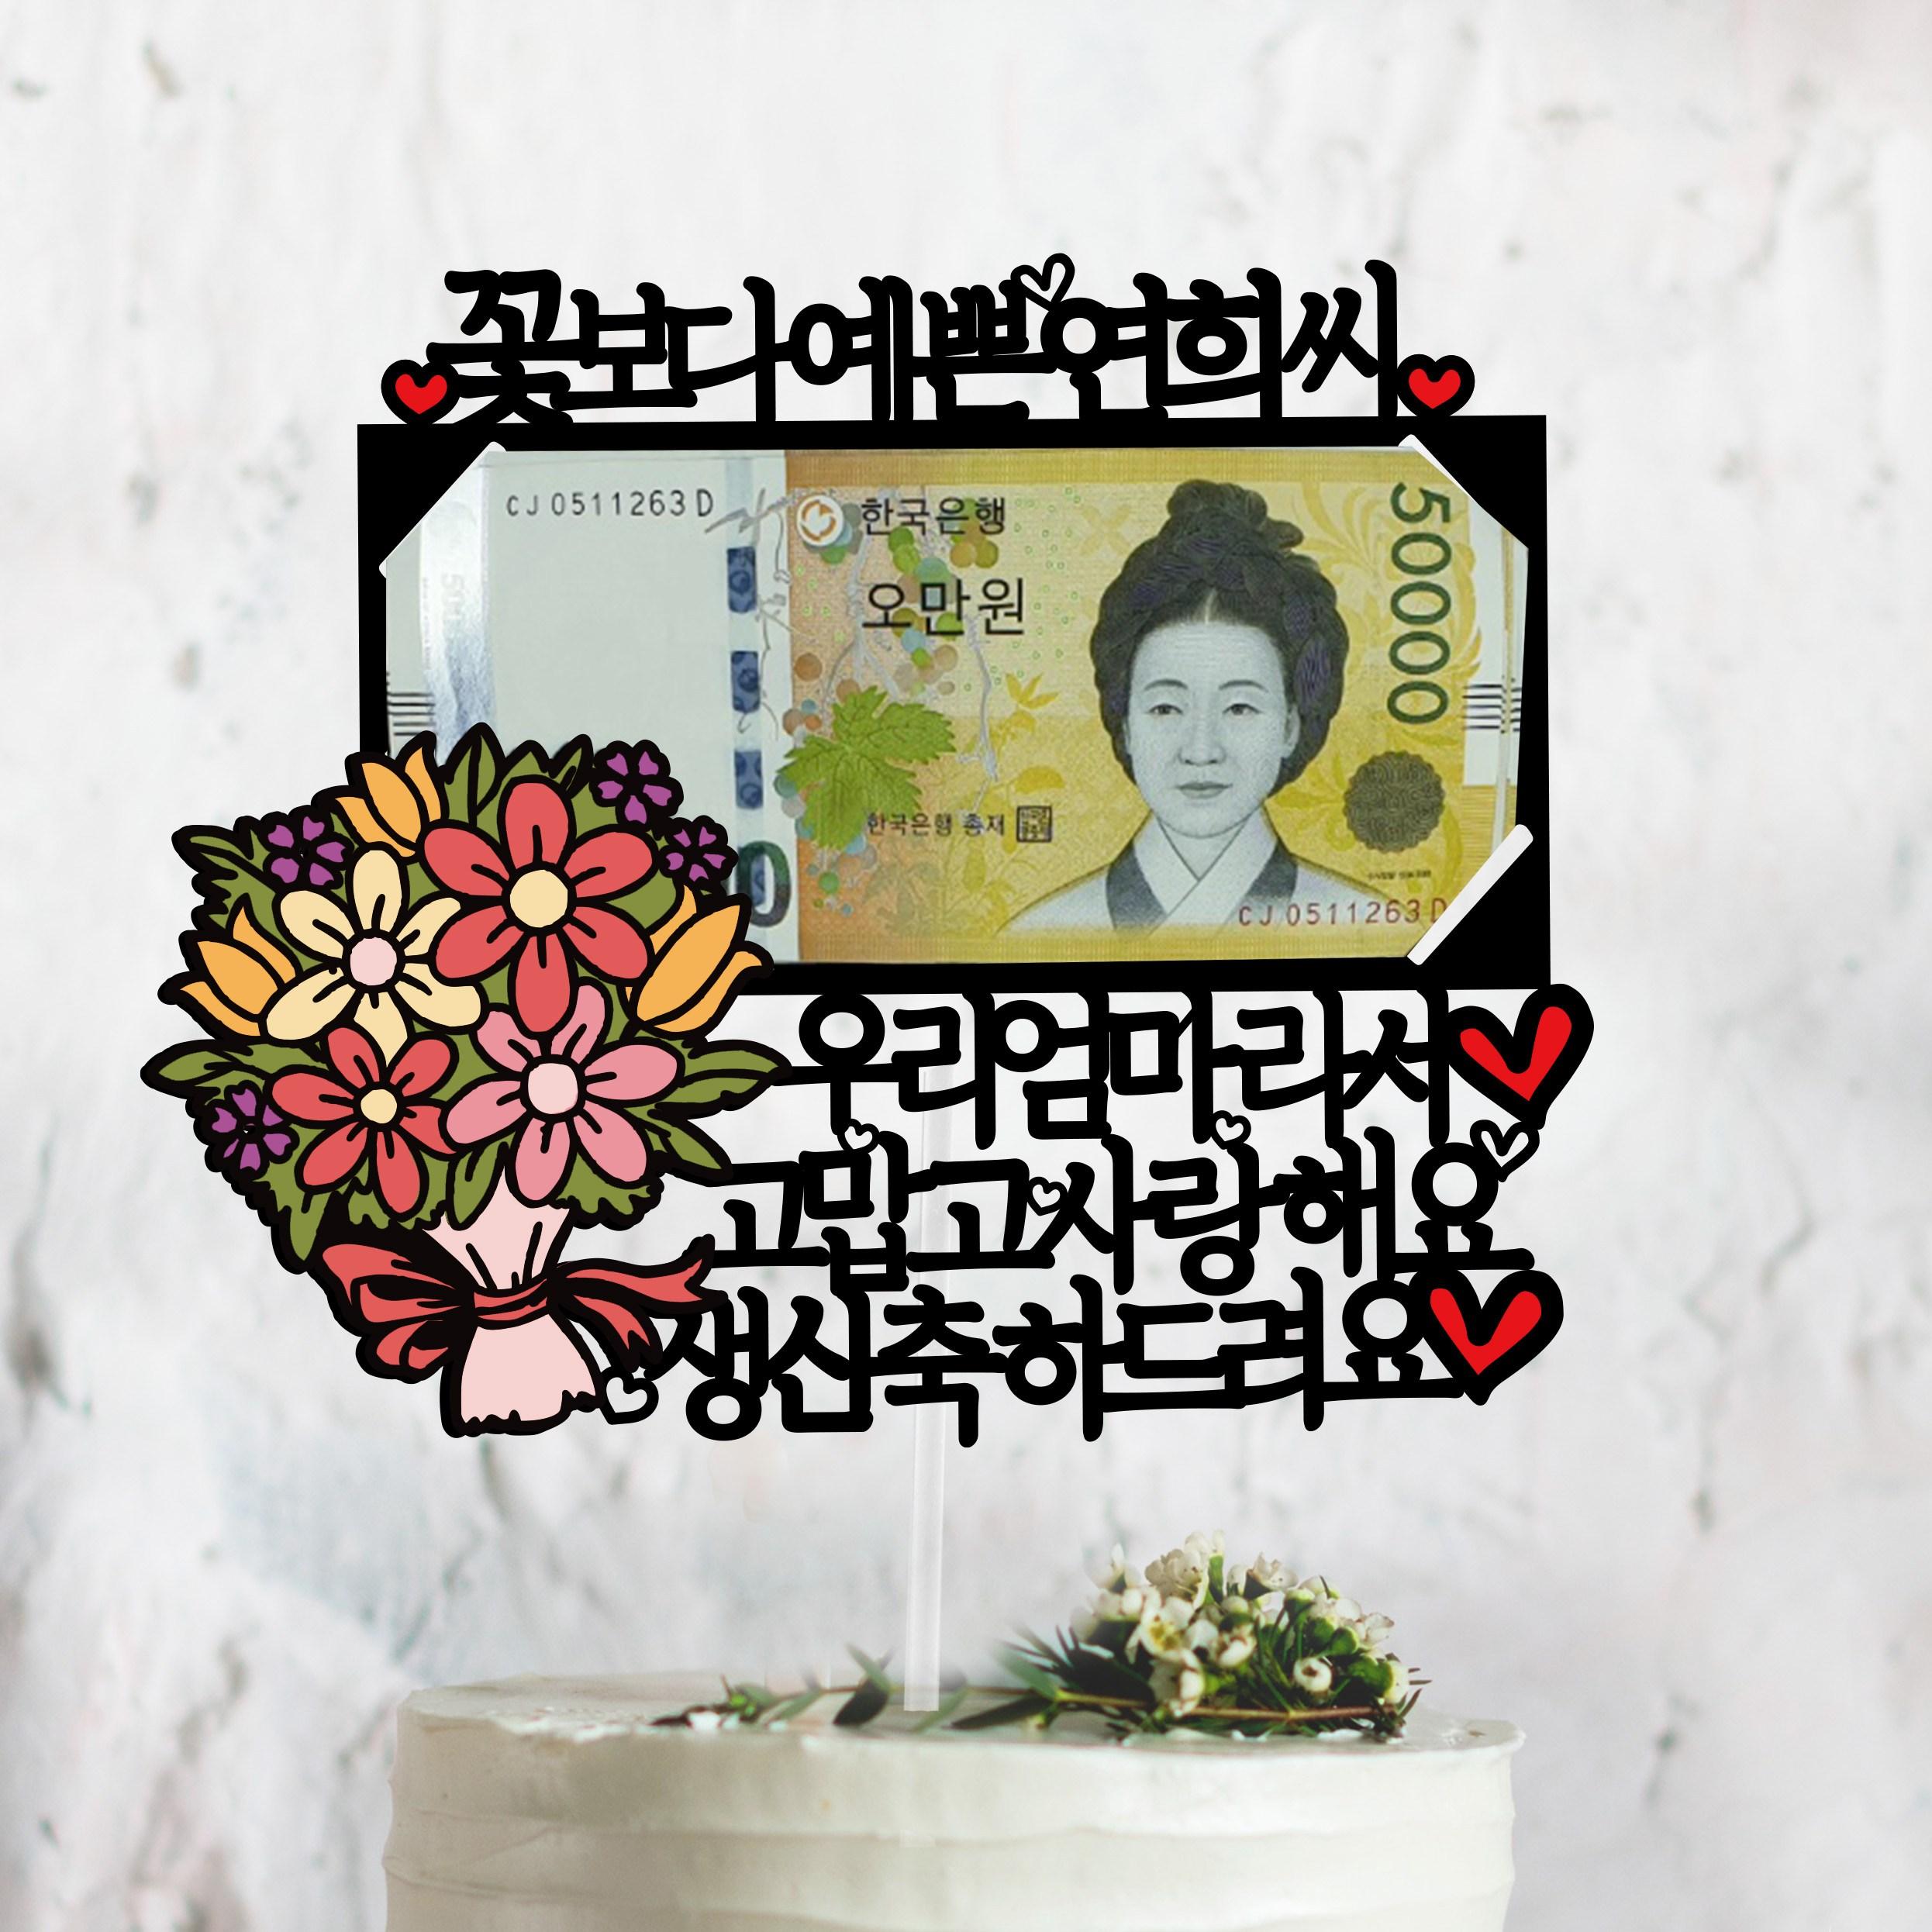 써봄토퍼 꽃다발 용돈토퍼[엄마.아빠라서] 생신 환갑 생일 어버이날 케이크토퍼, 우리엄마라서